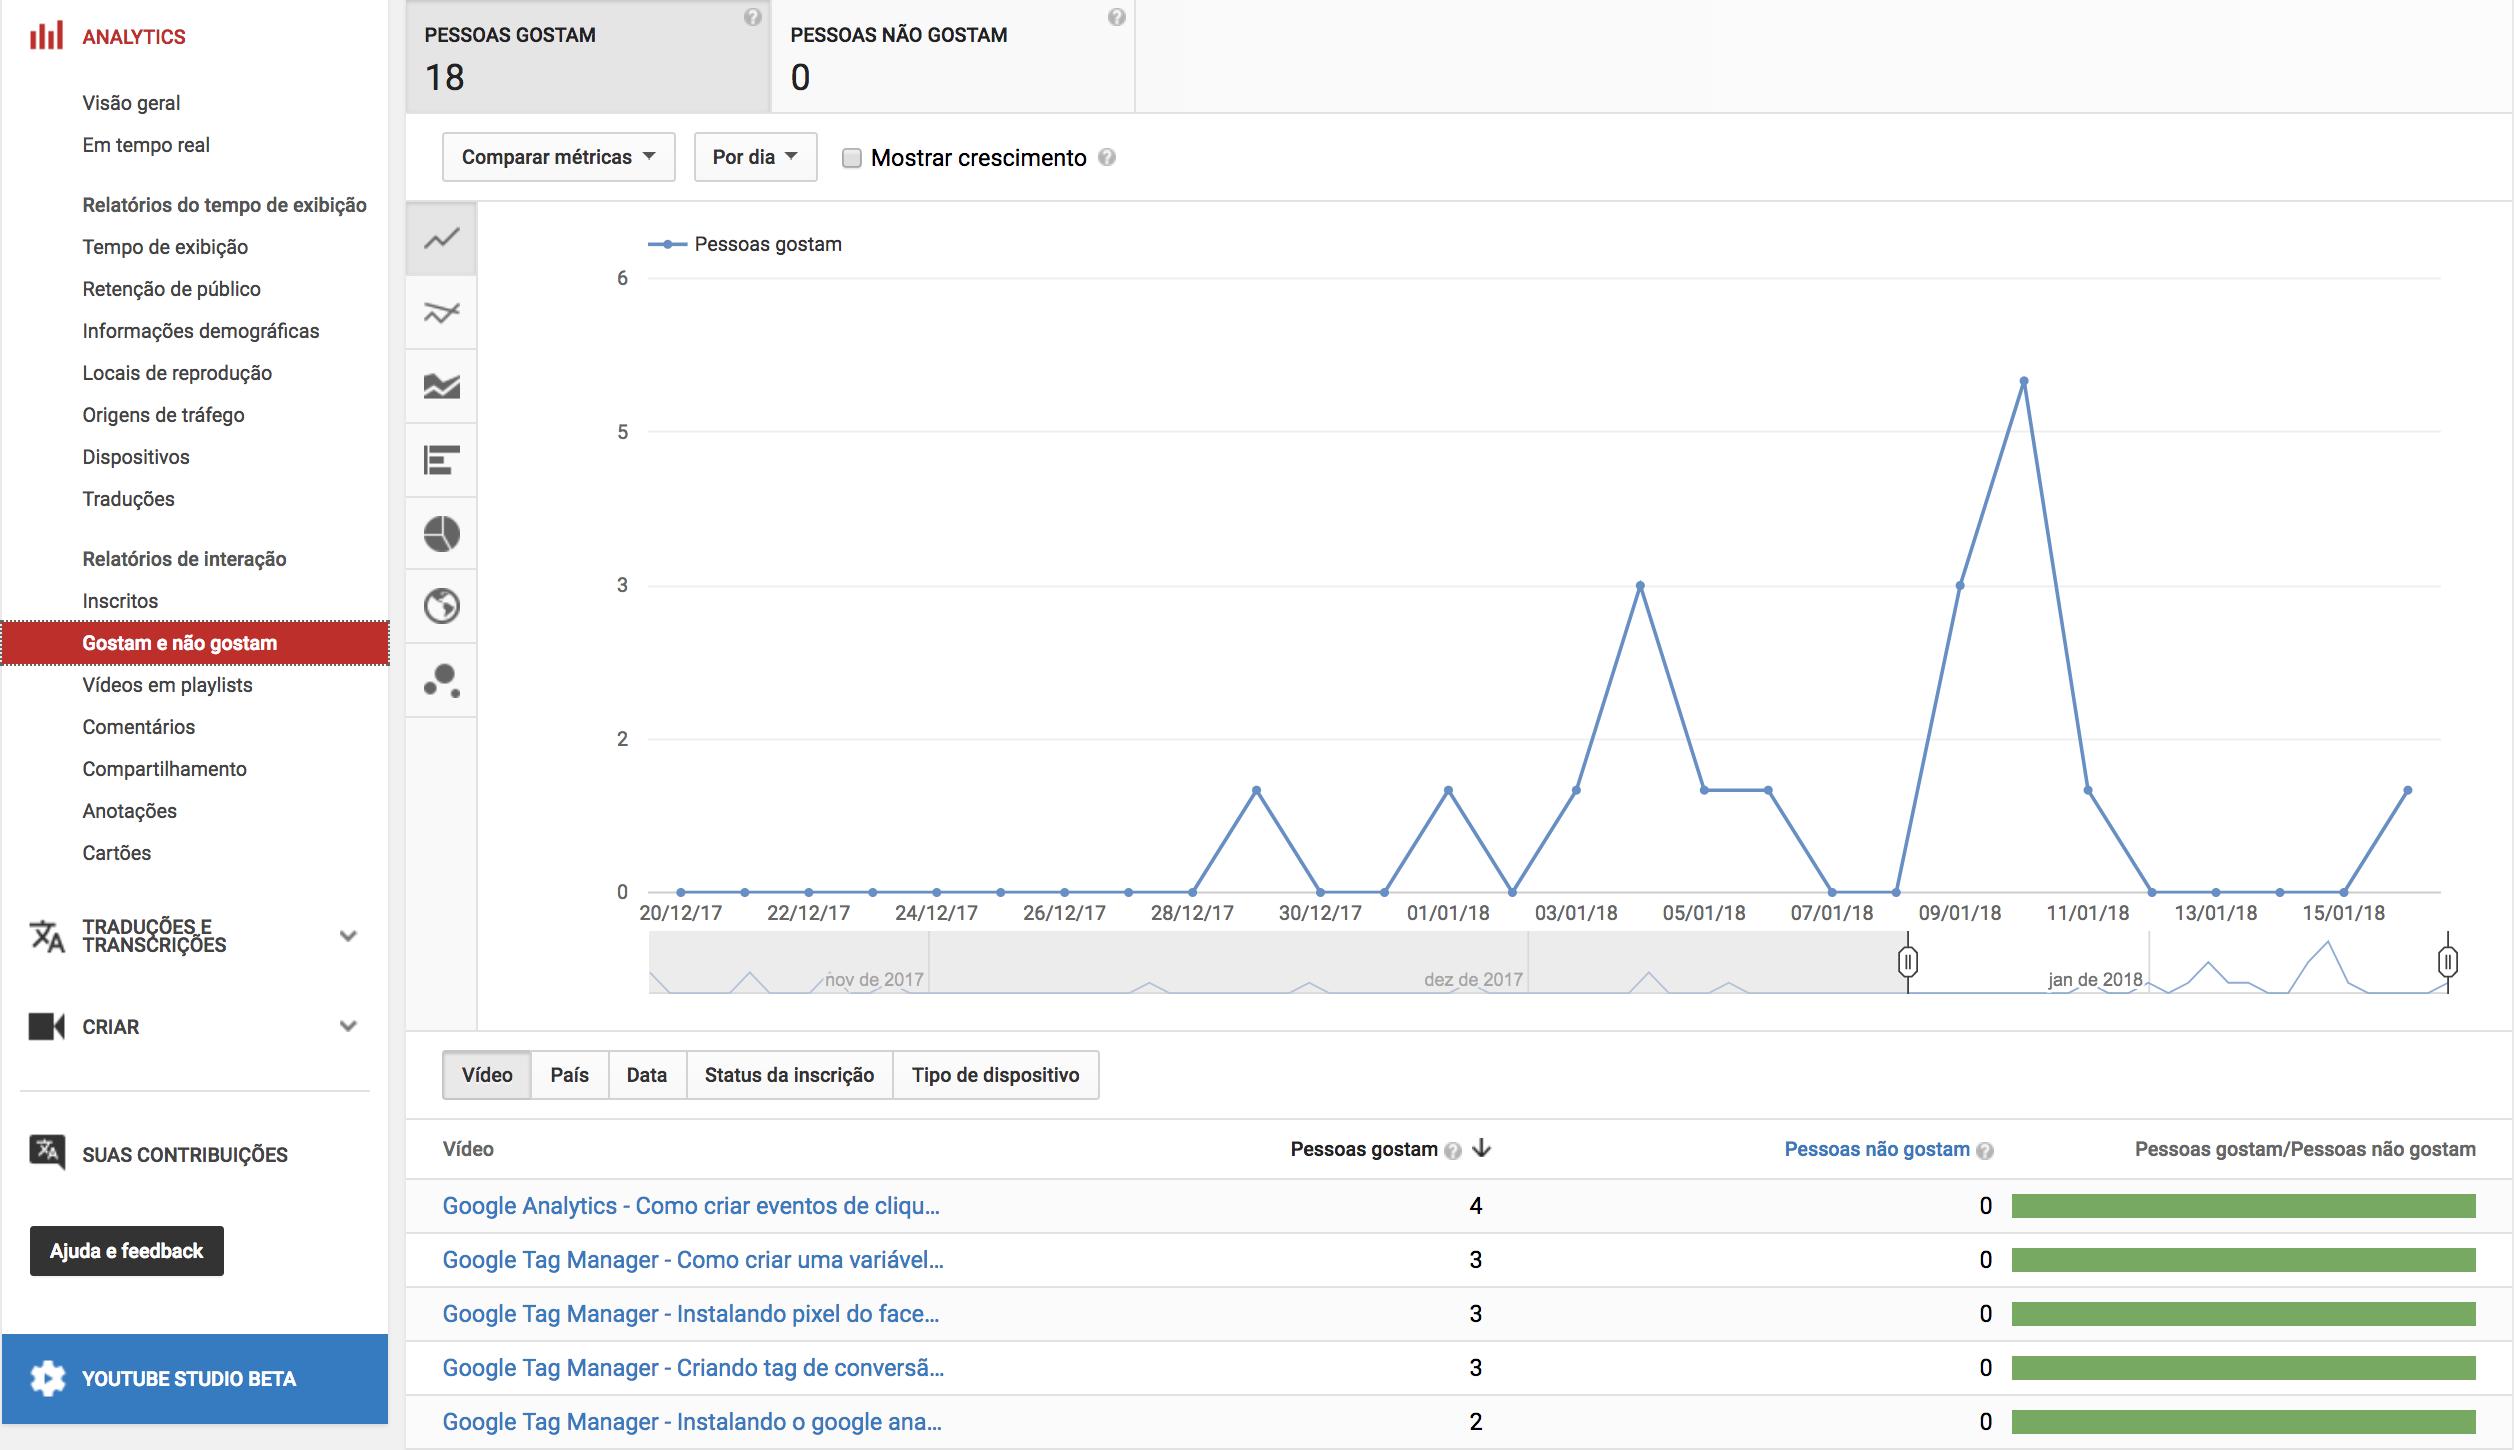 Gostam-e-Não-Gostam-YouTube-Analytics.png